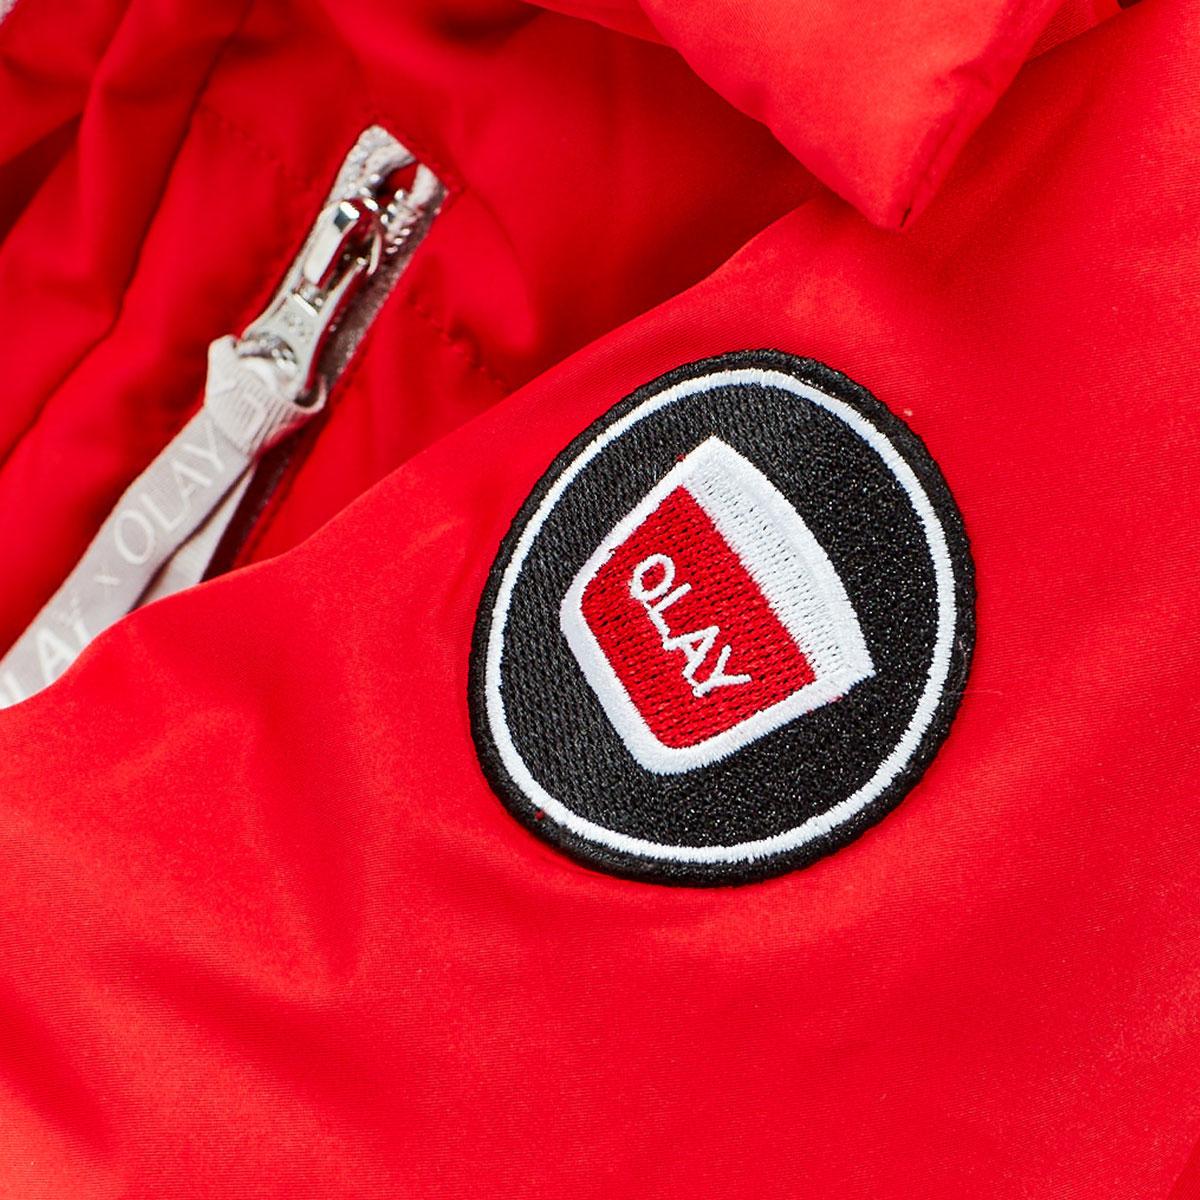 OrOlay Coat Image